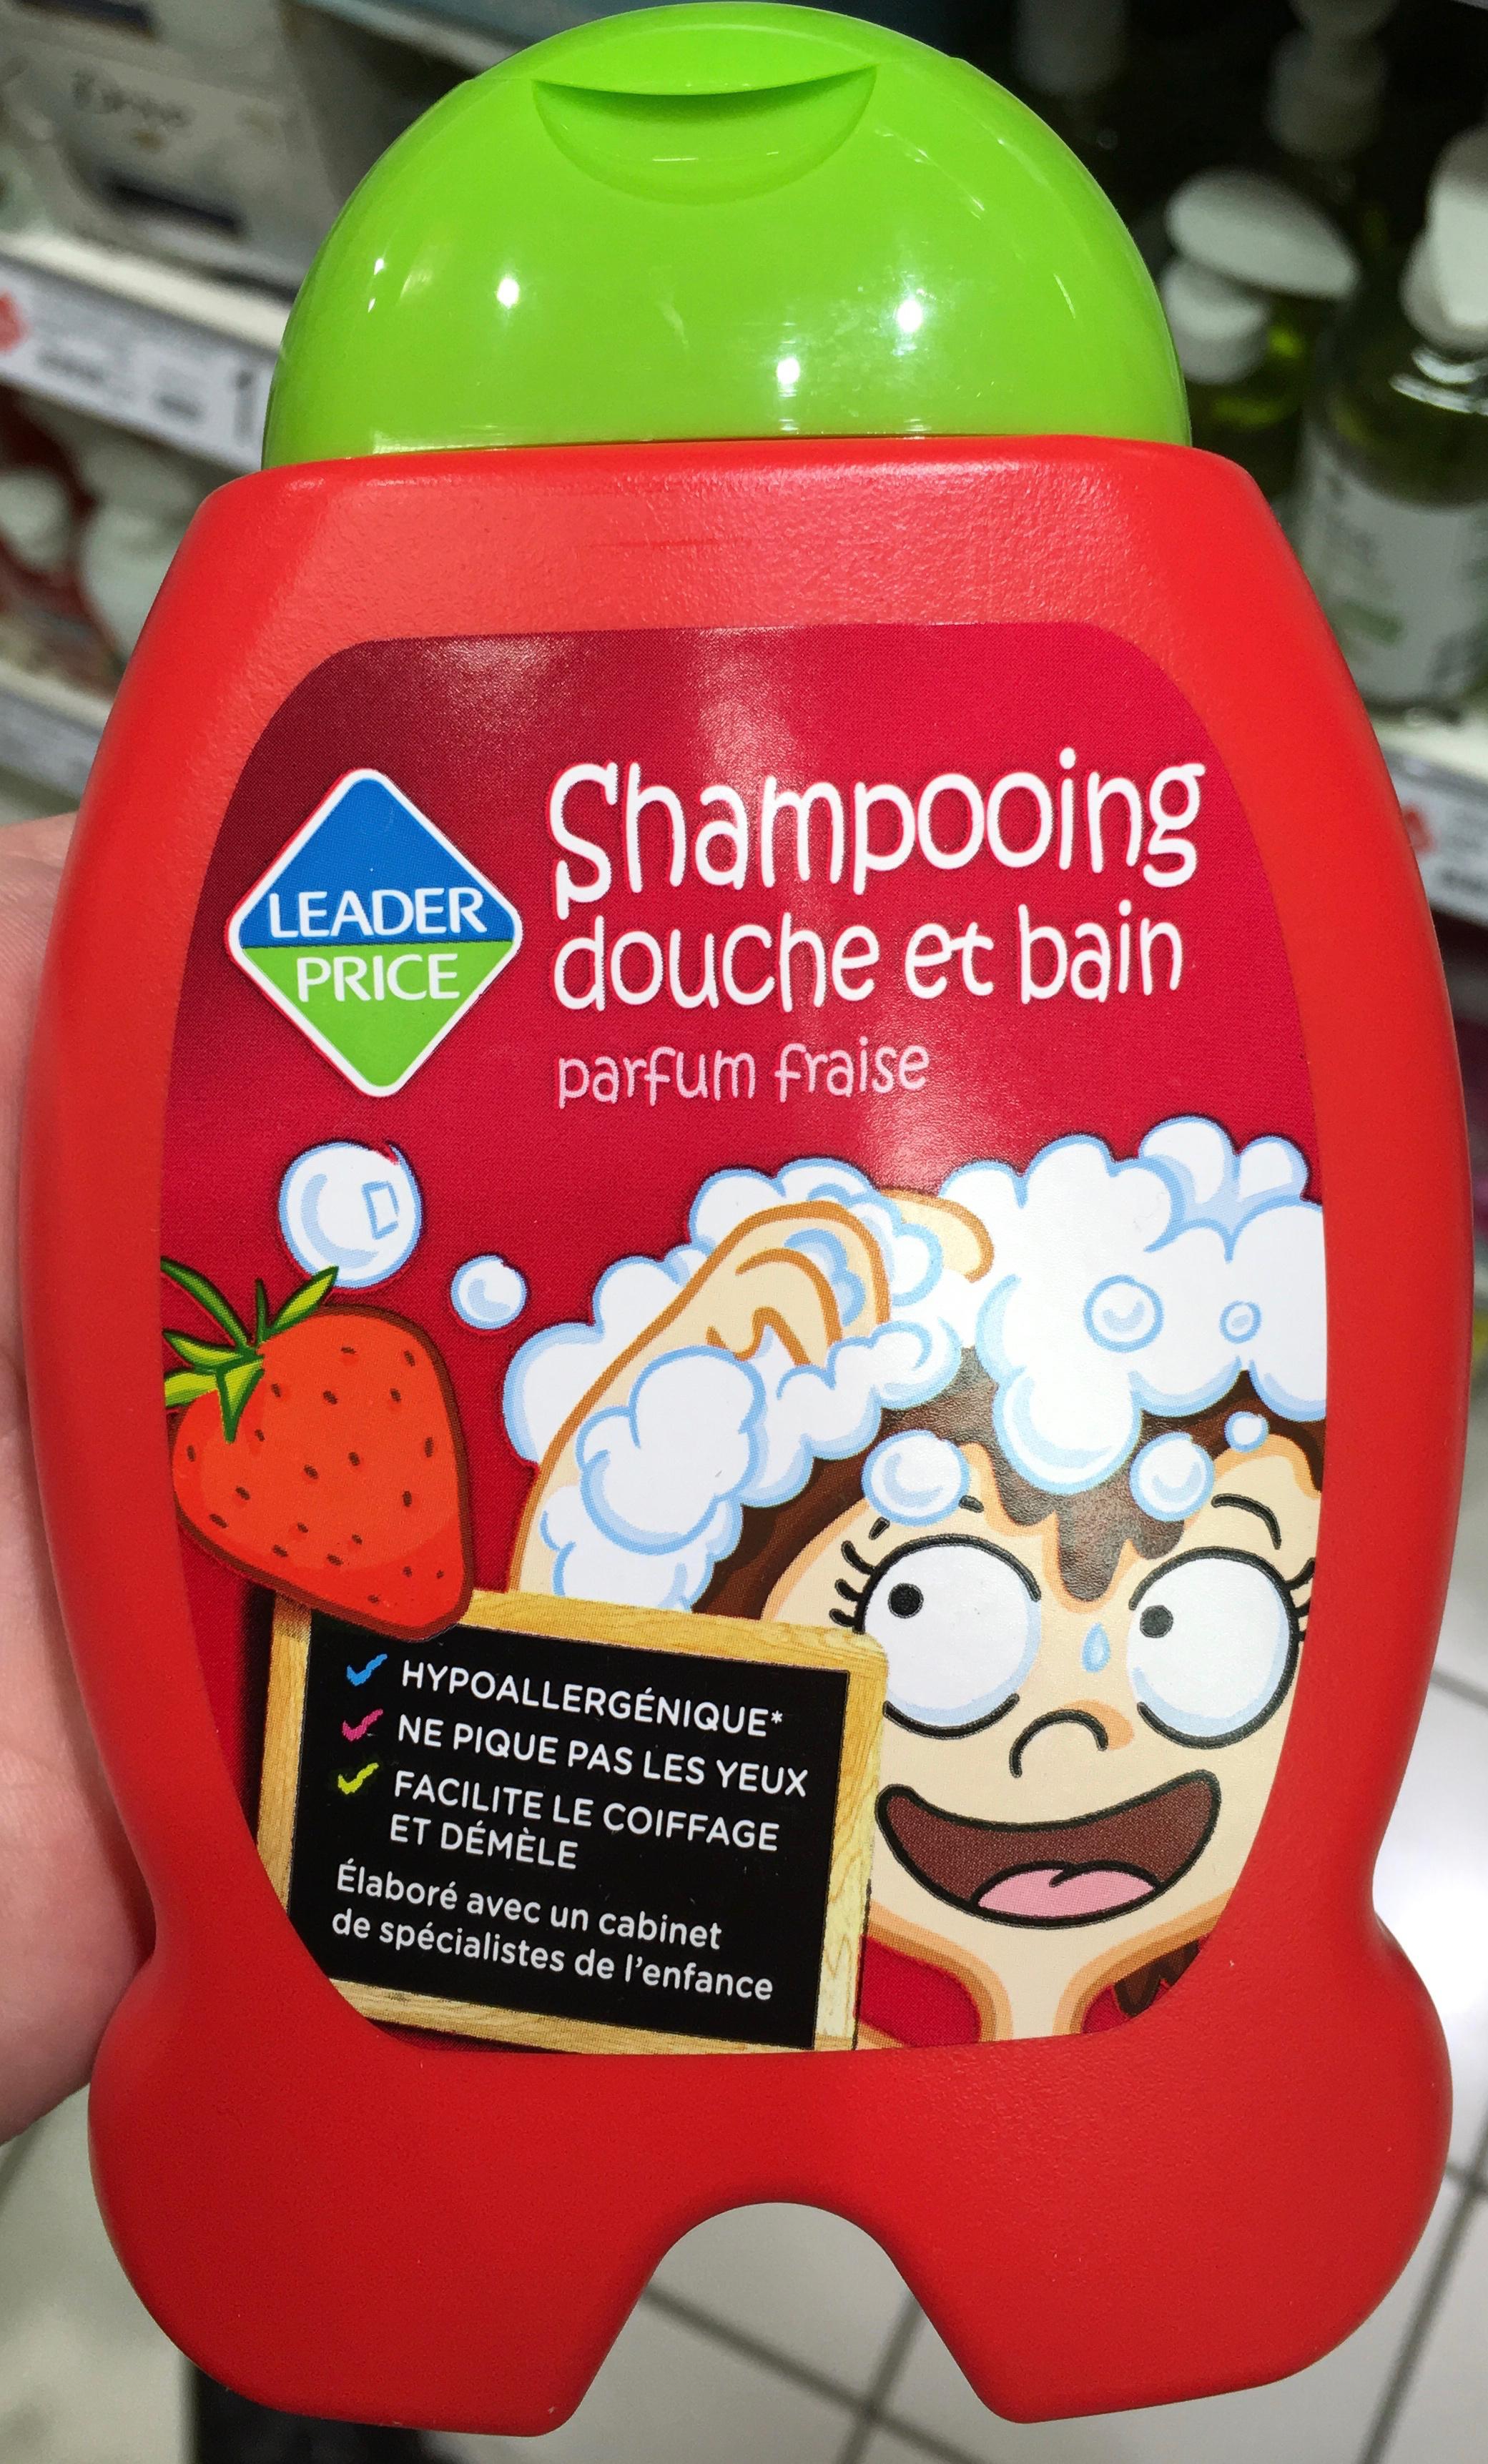 Shampooing douche et bain parfum fraise - Product